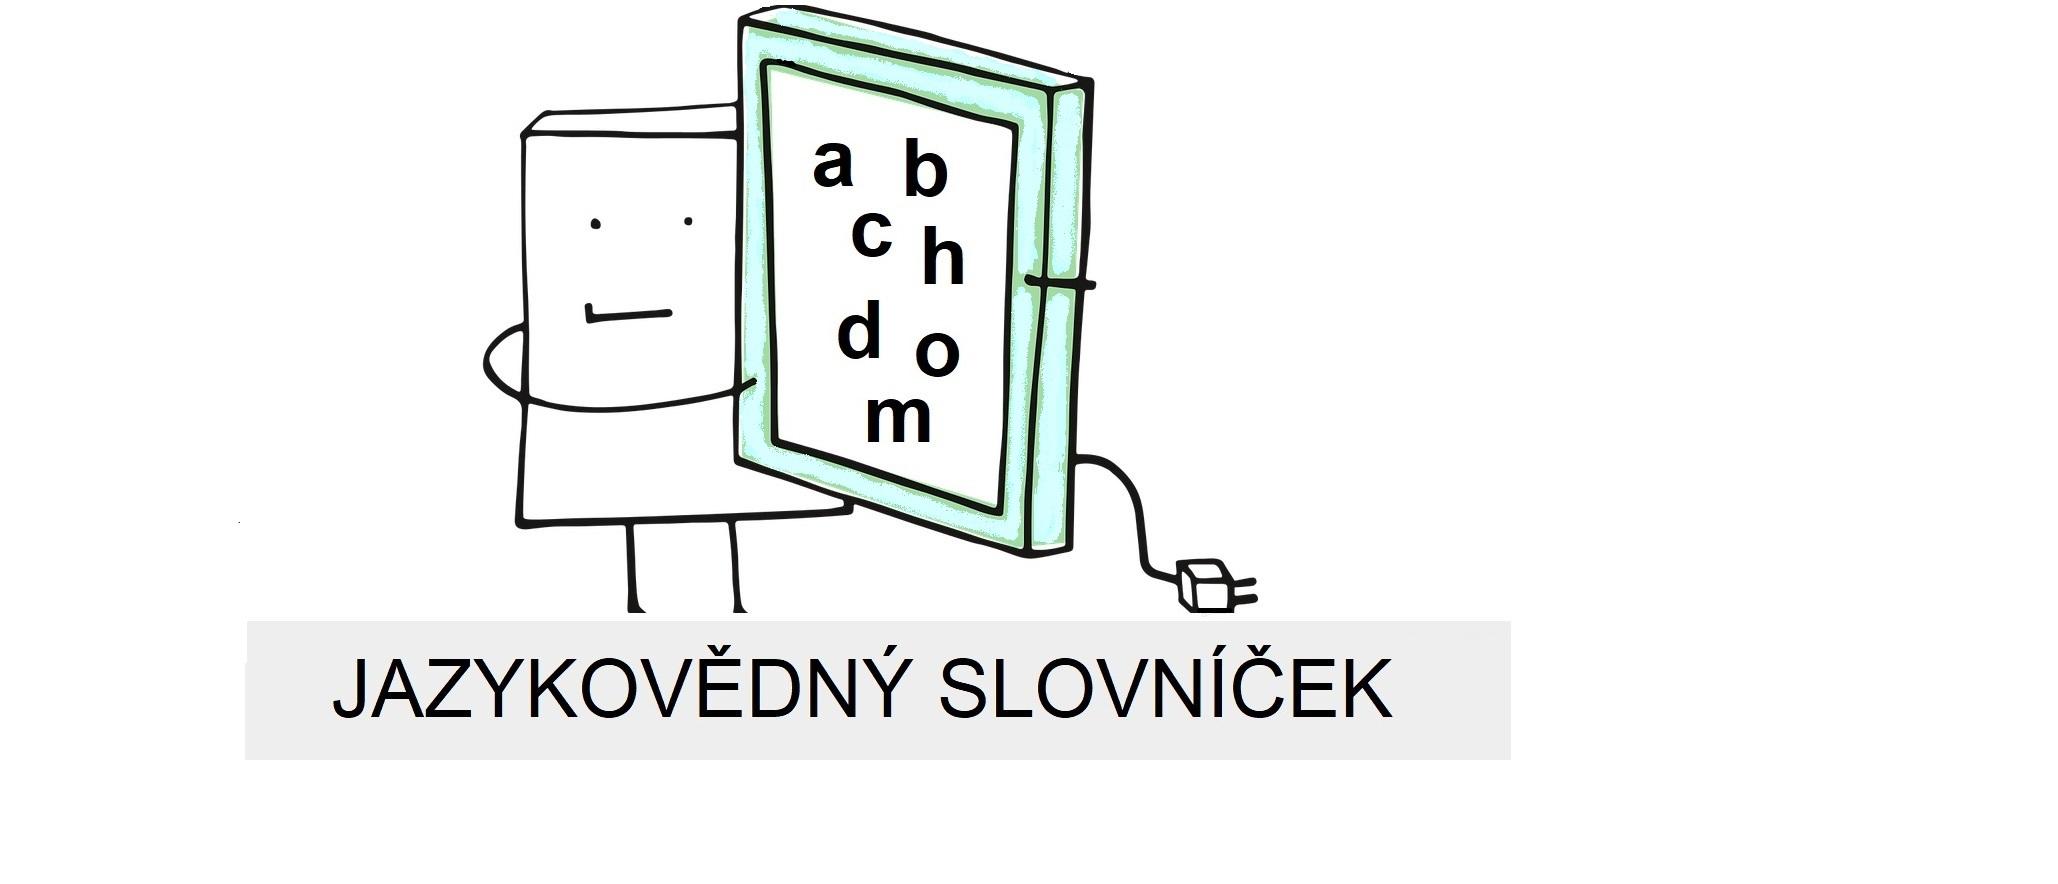 Jazykovědný slovníček